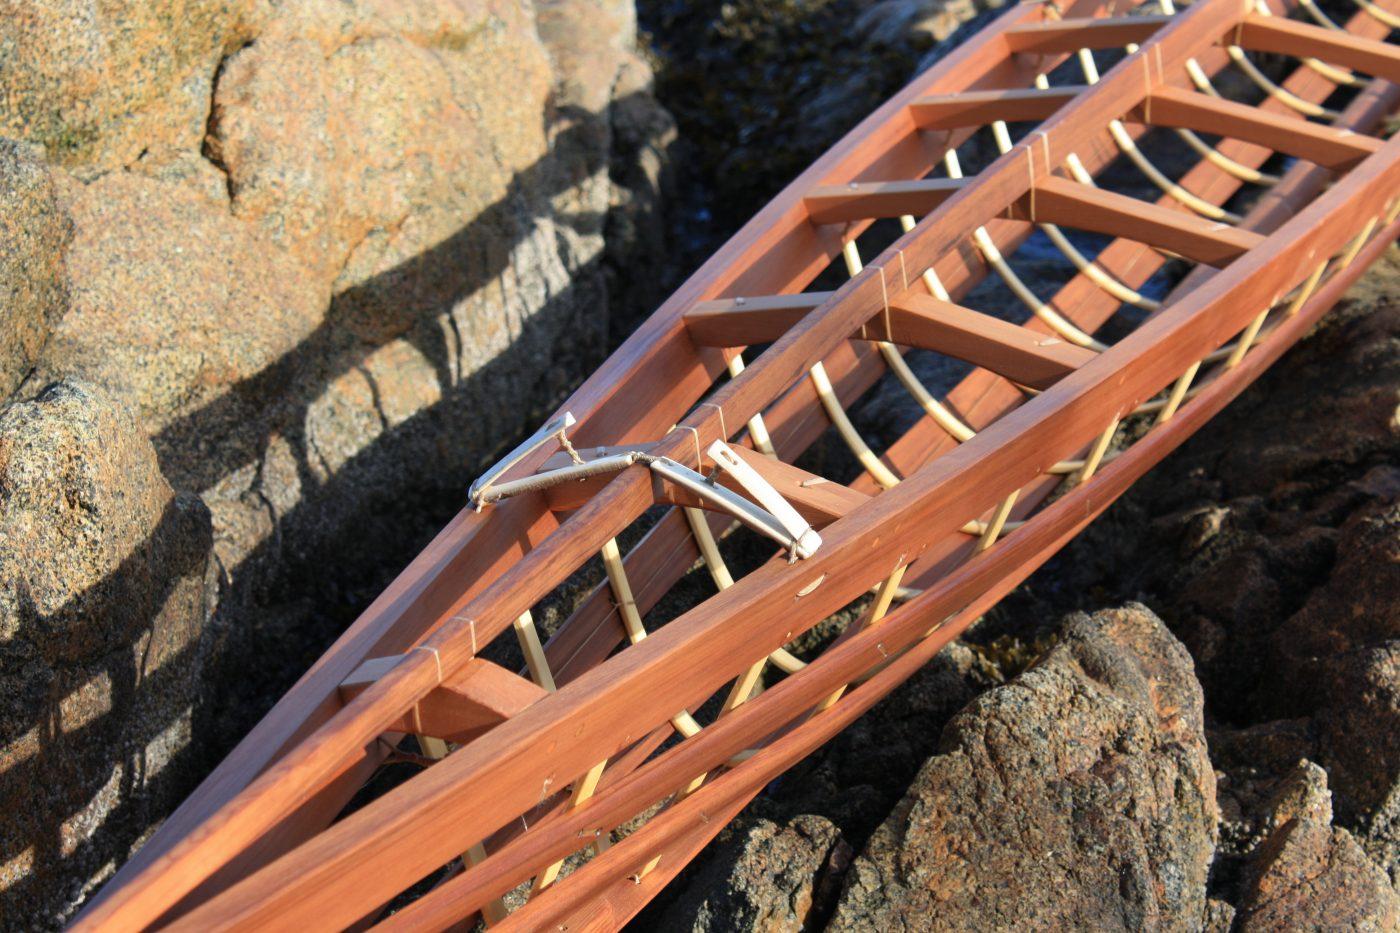 Inuvialuit harpoon holder detail